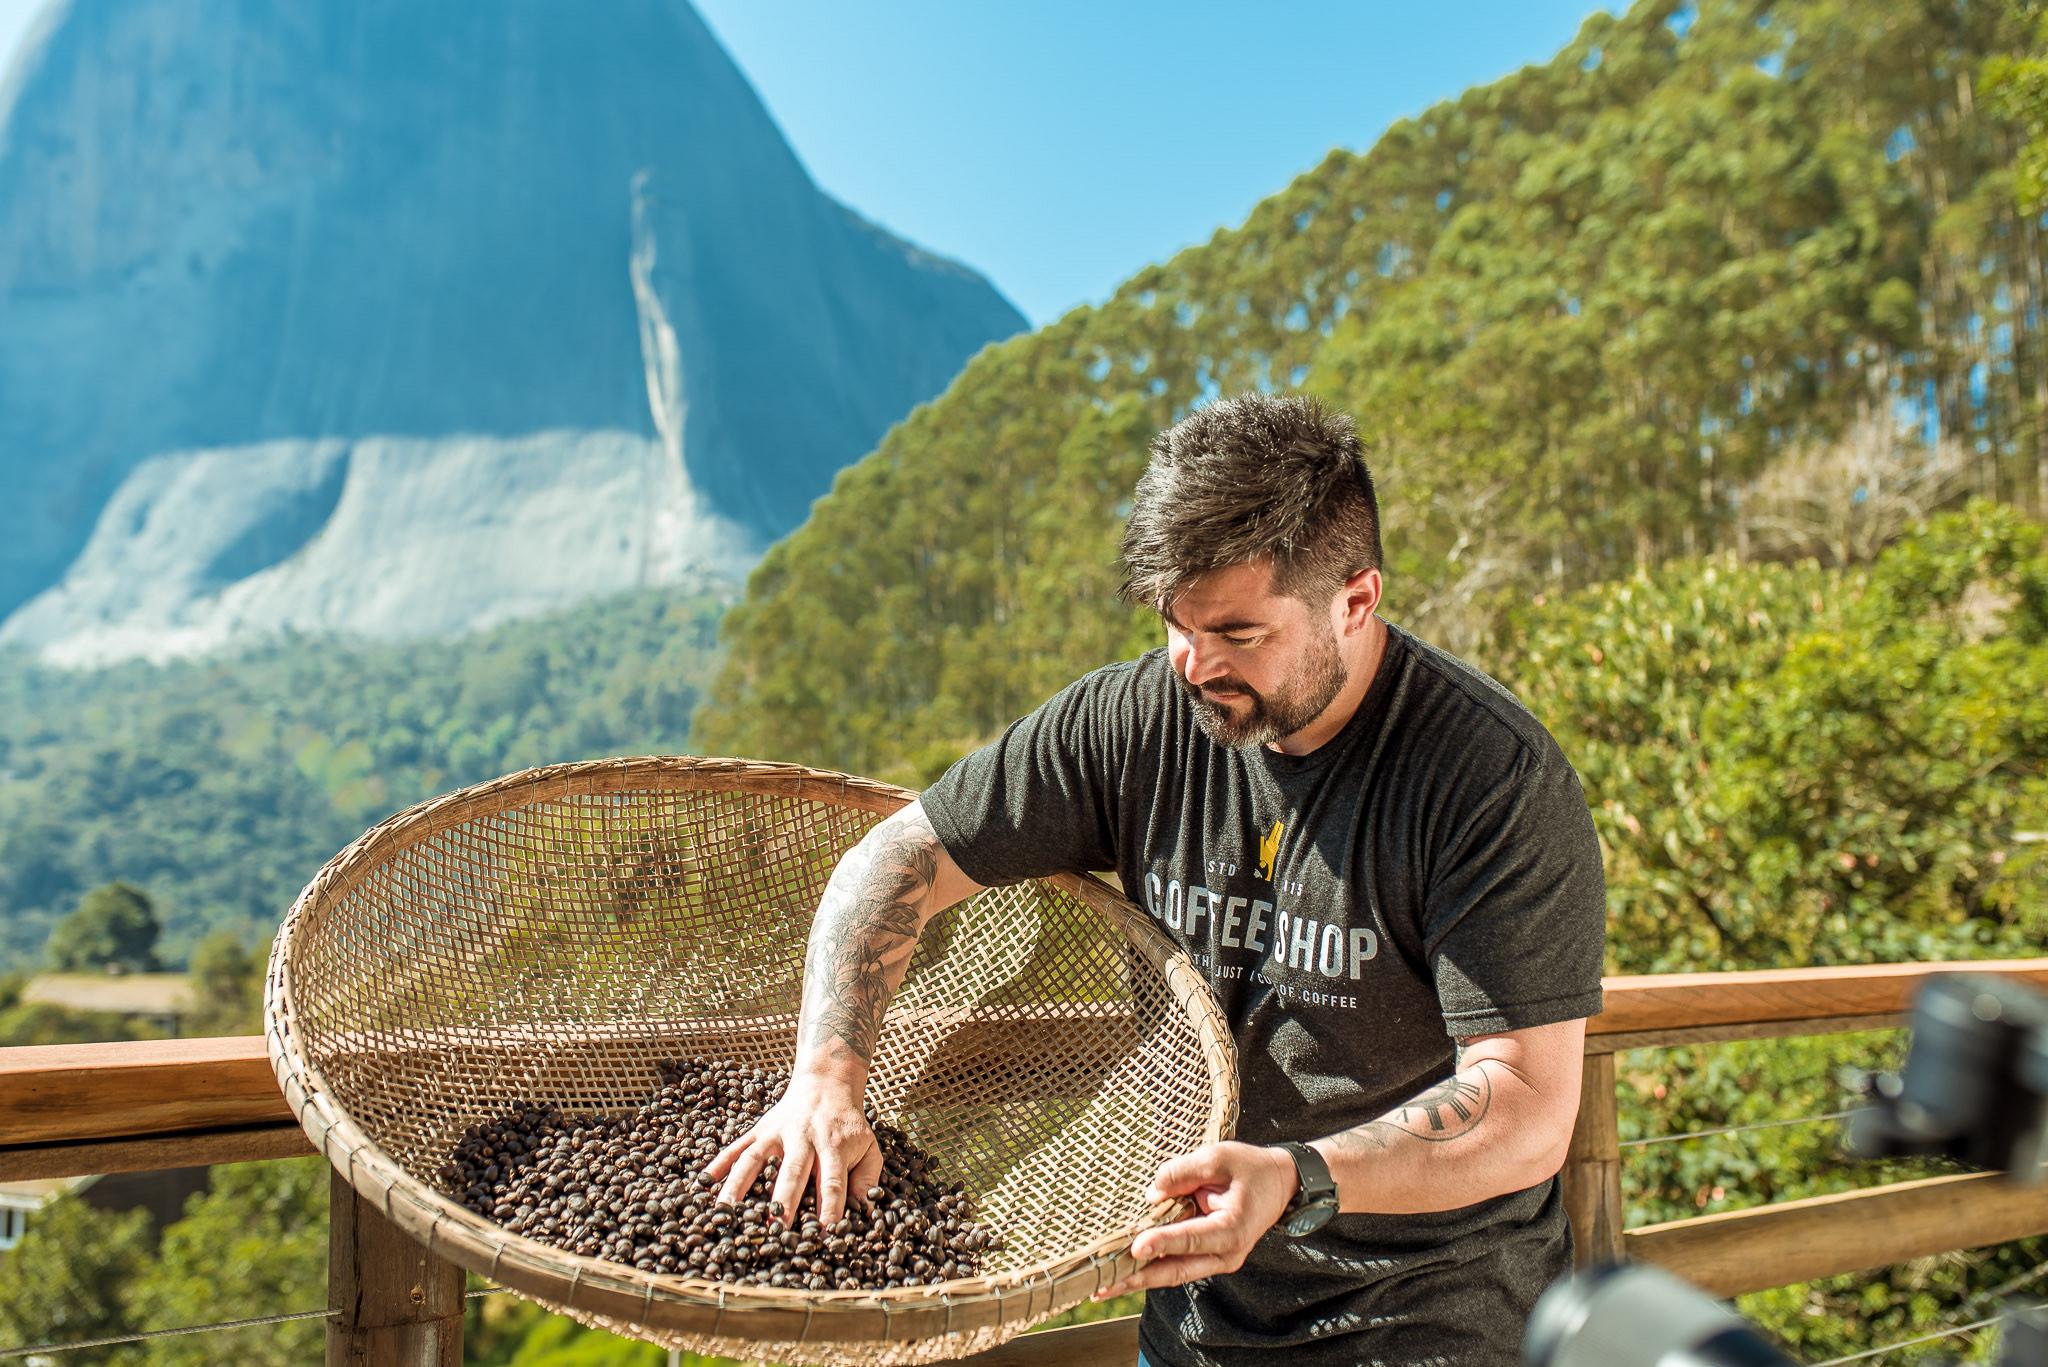 Vagner Uliana oferece um coffee tour na propriedade da família para que visitante conheça produção de microlotes de cafés. Foto: Divulgação